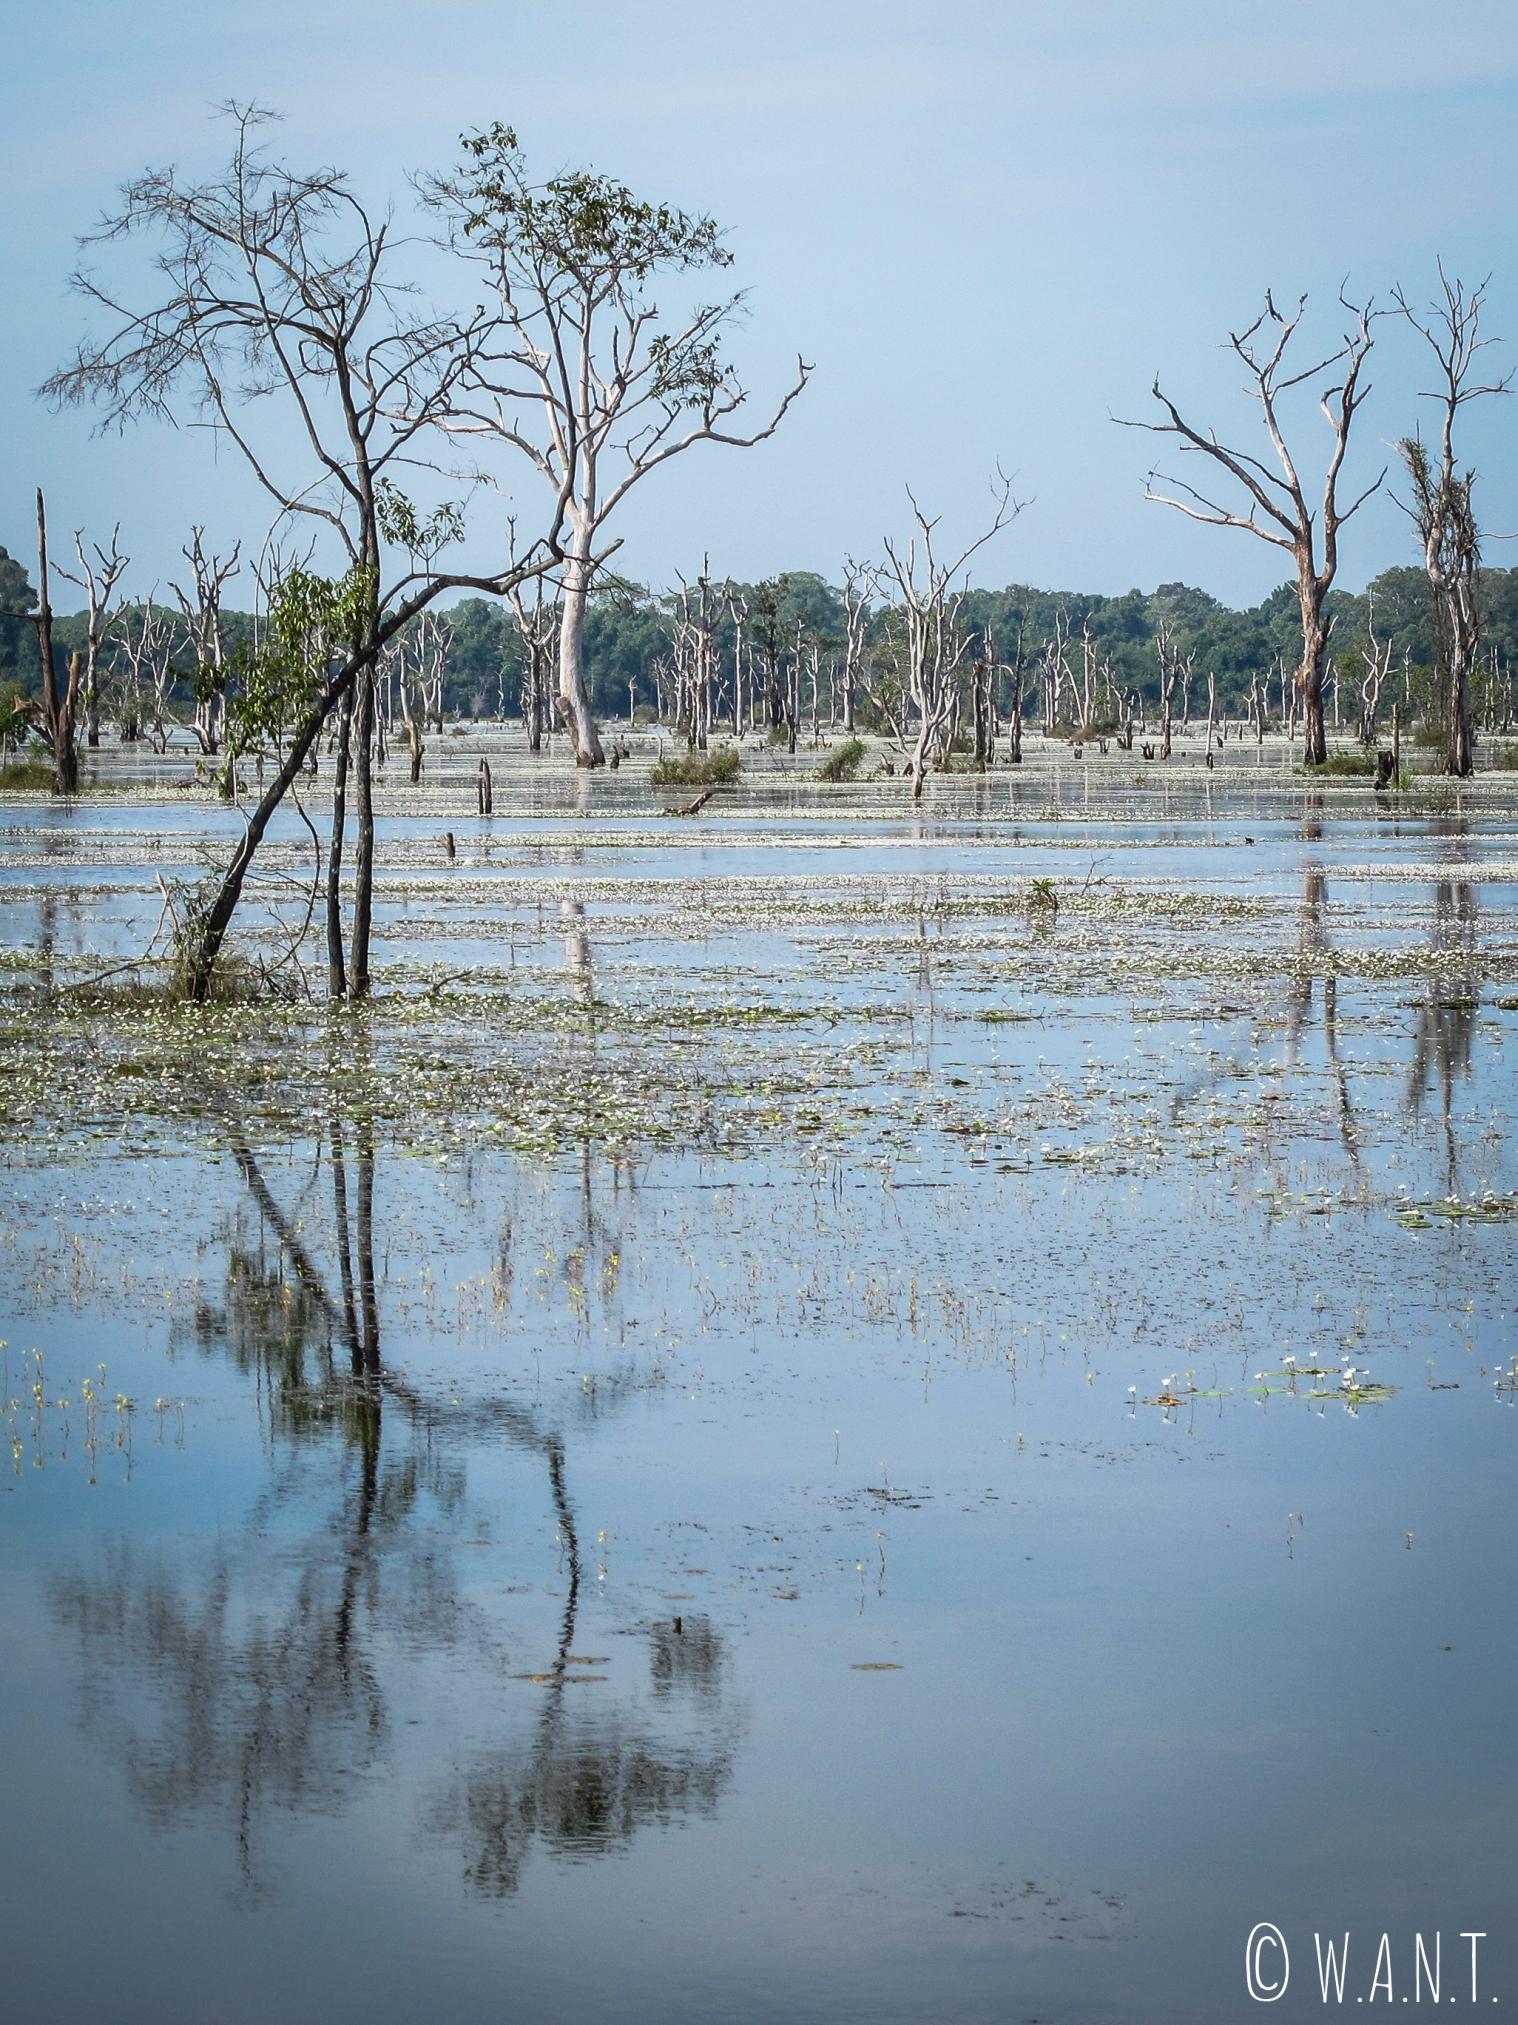 Arbre se reflétant dans l'eau sur le chemin du temple Neak Pean à Angkor